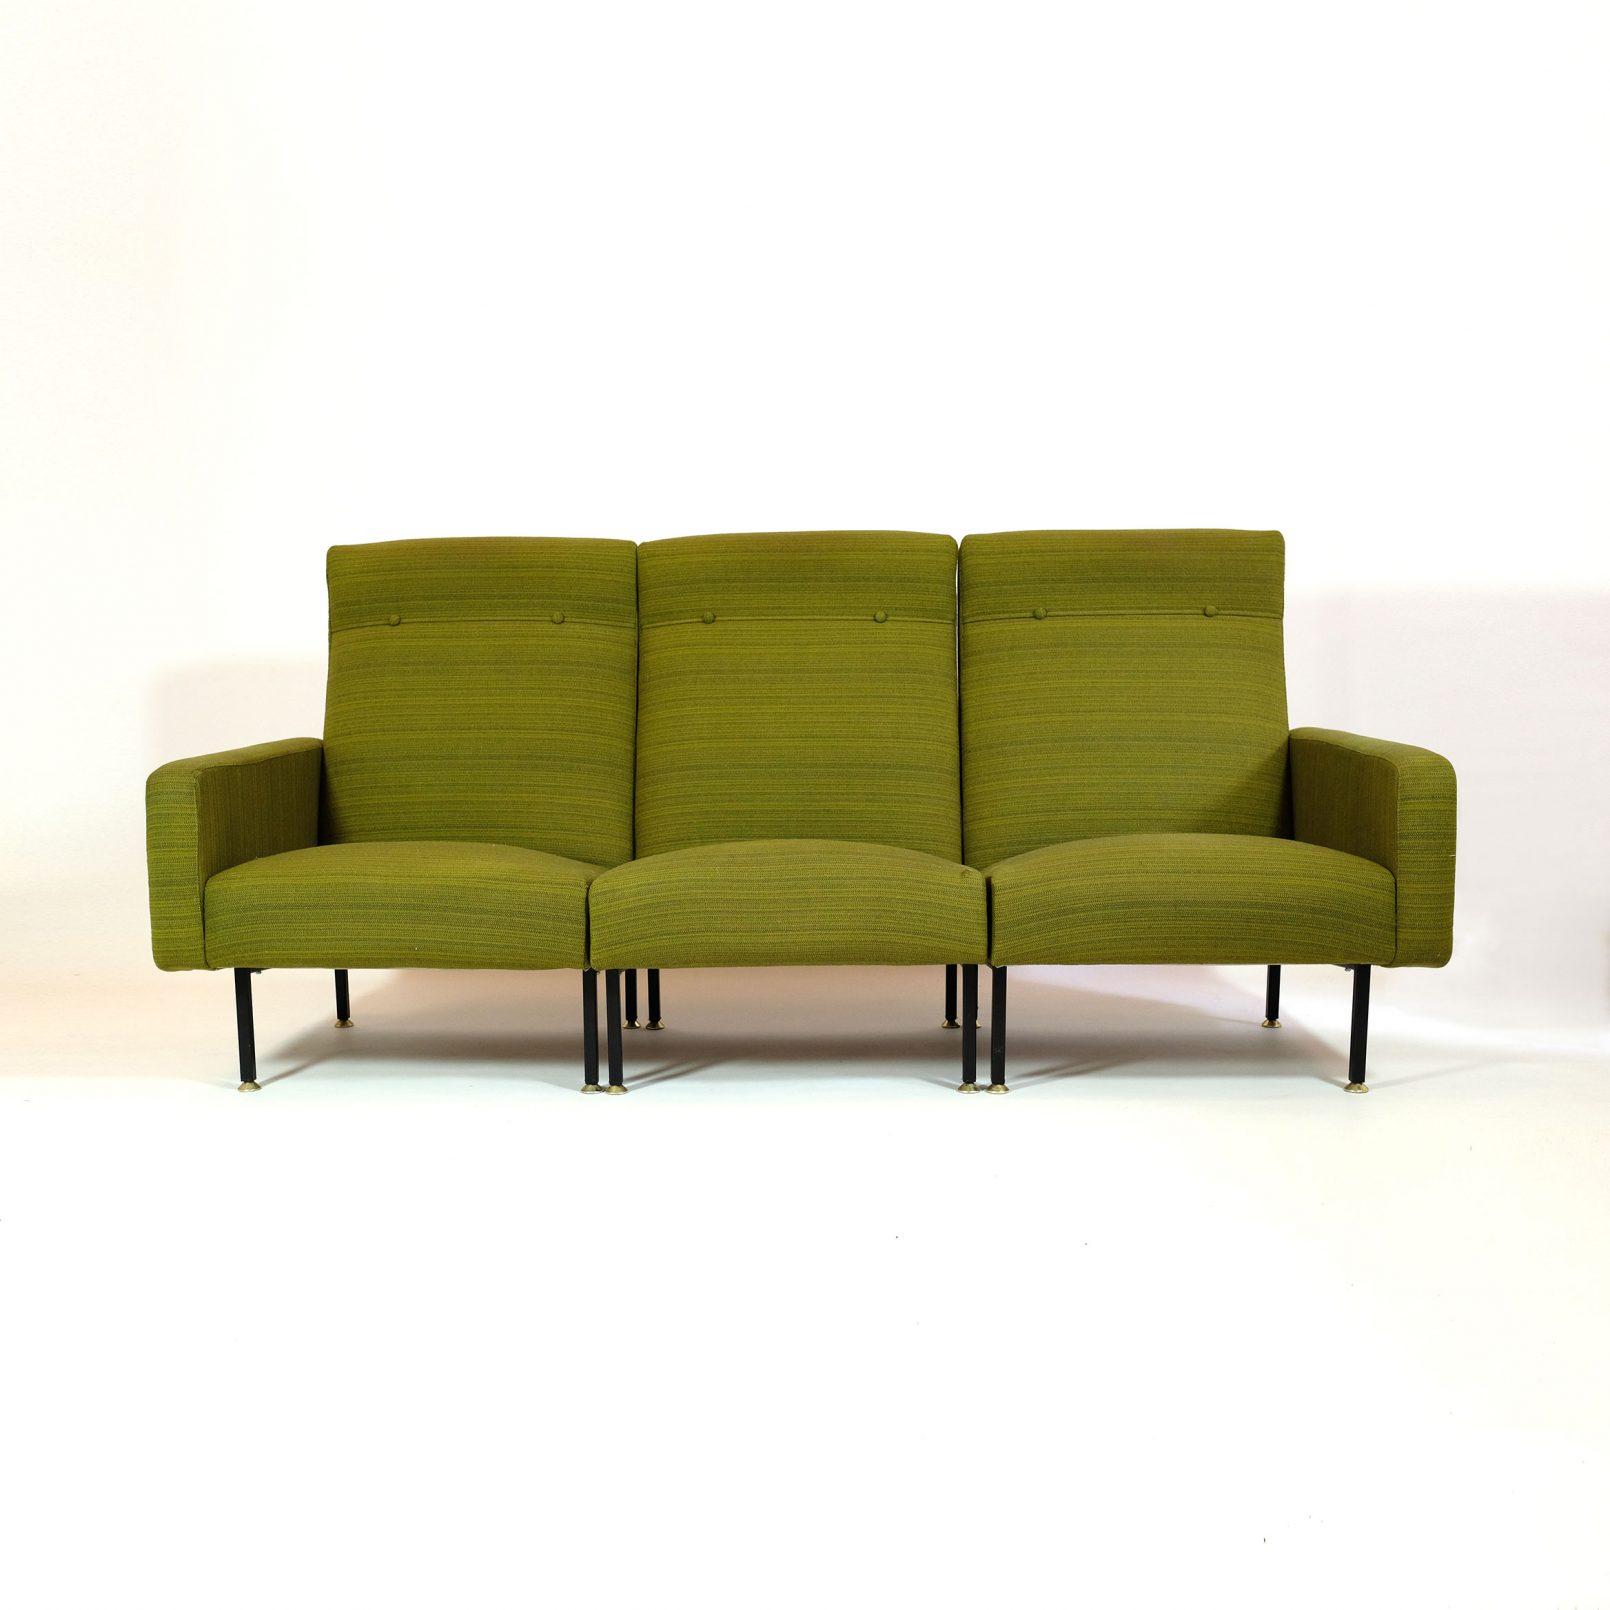 Canapé modulable Steiner des années 60.